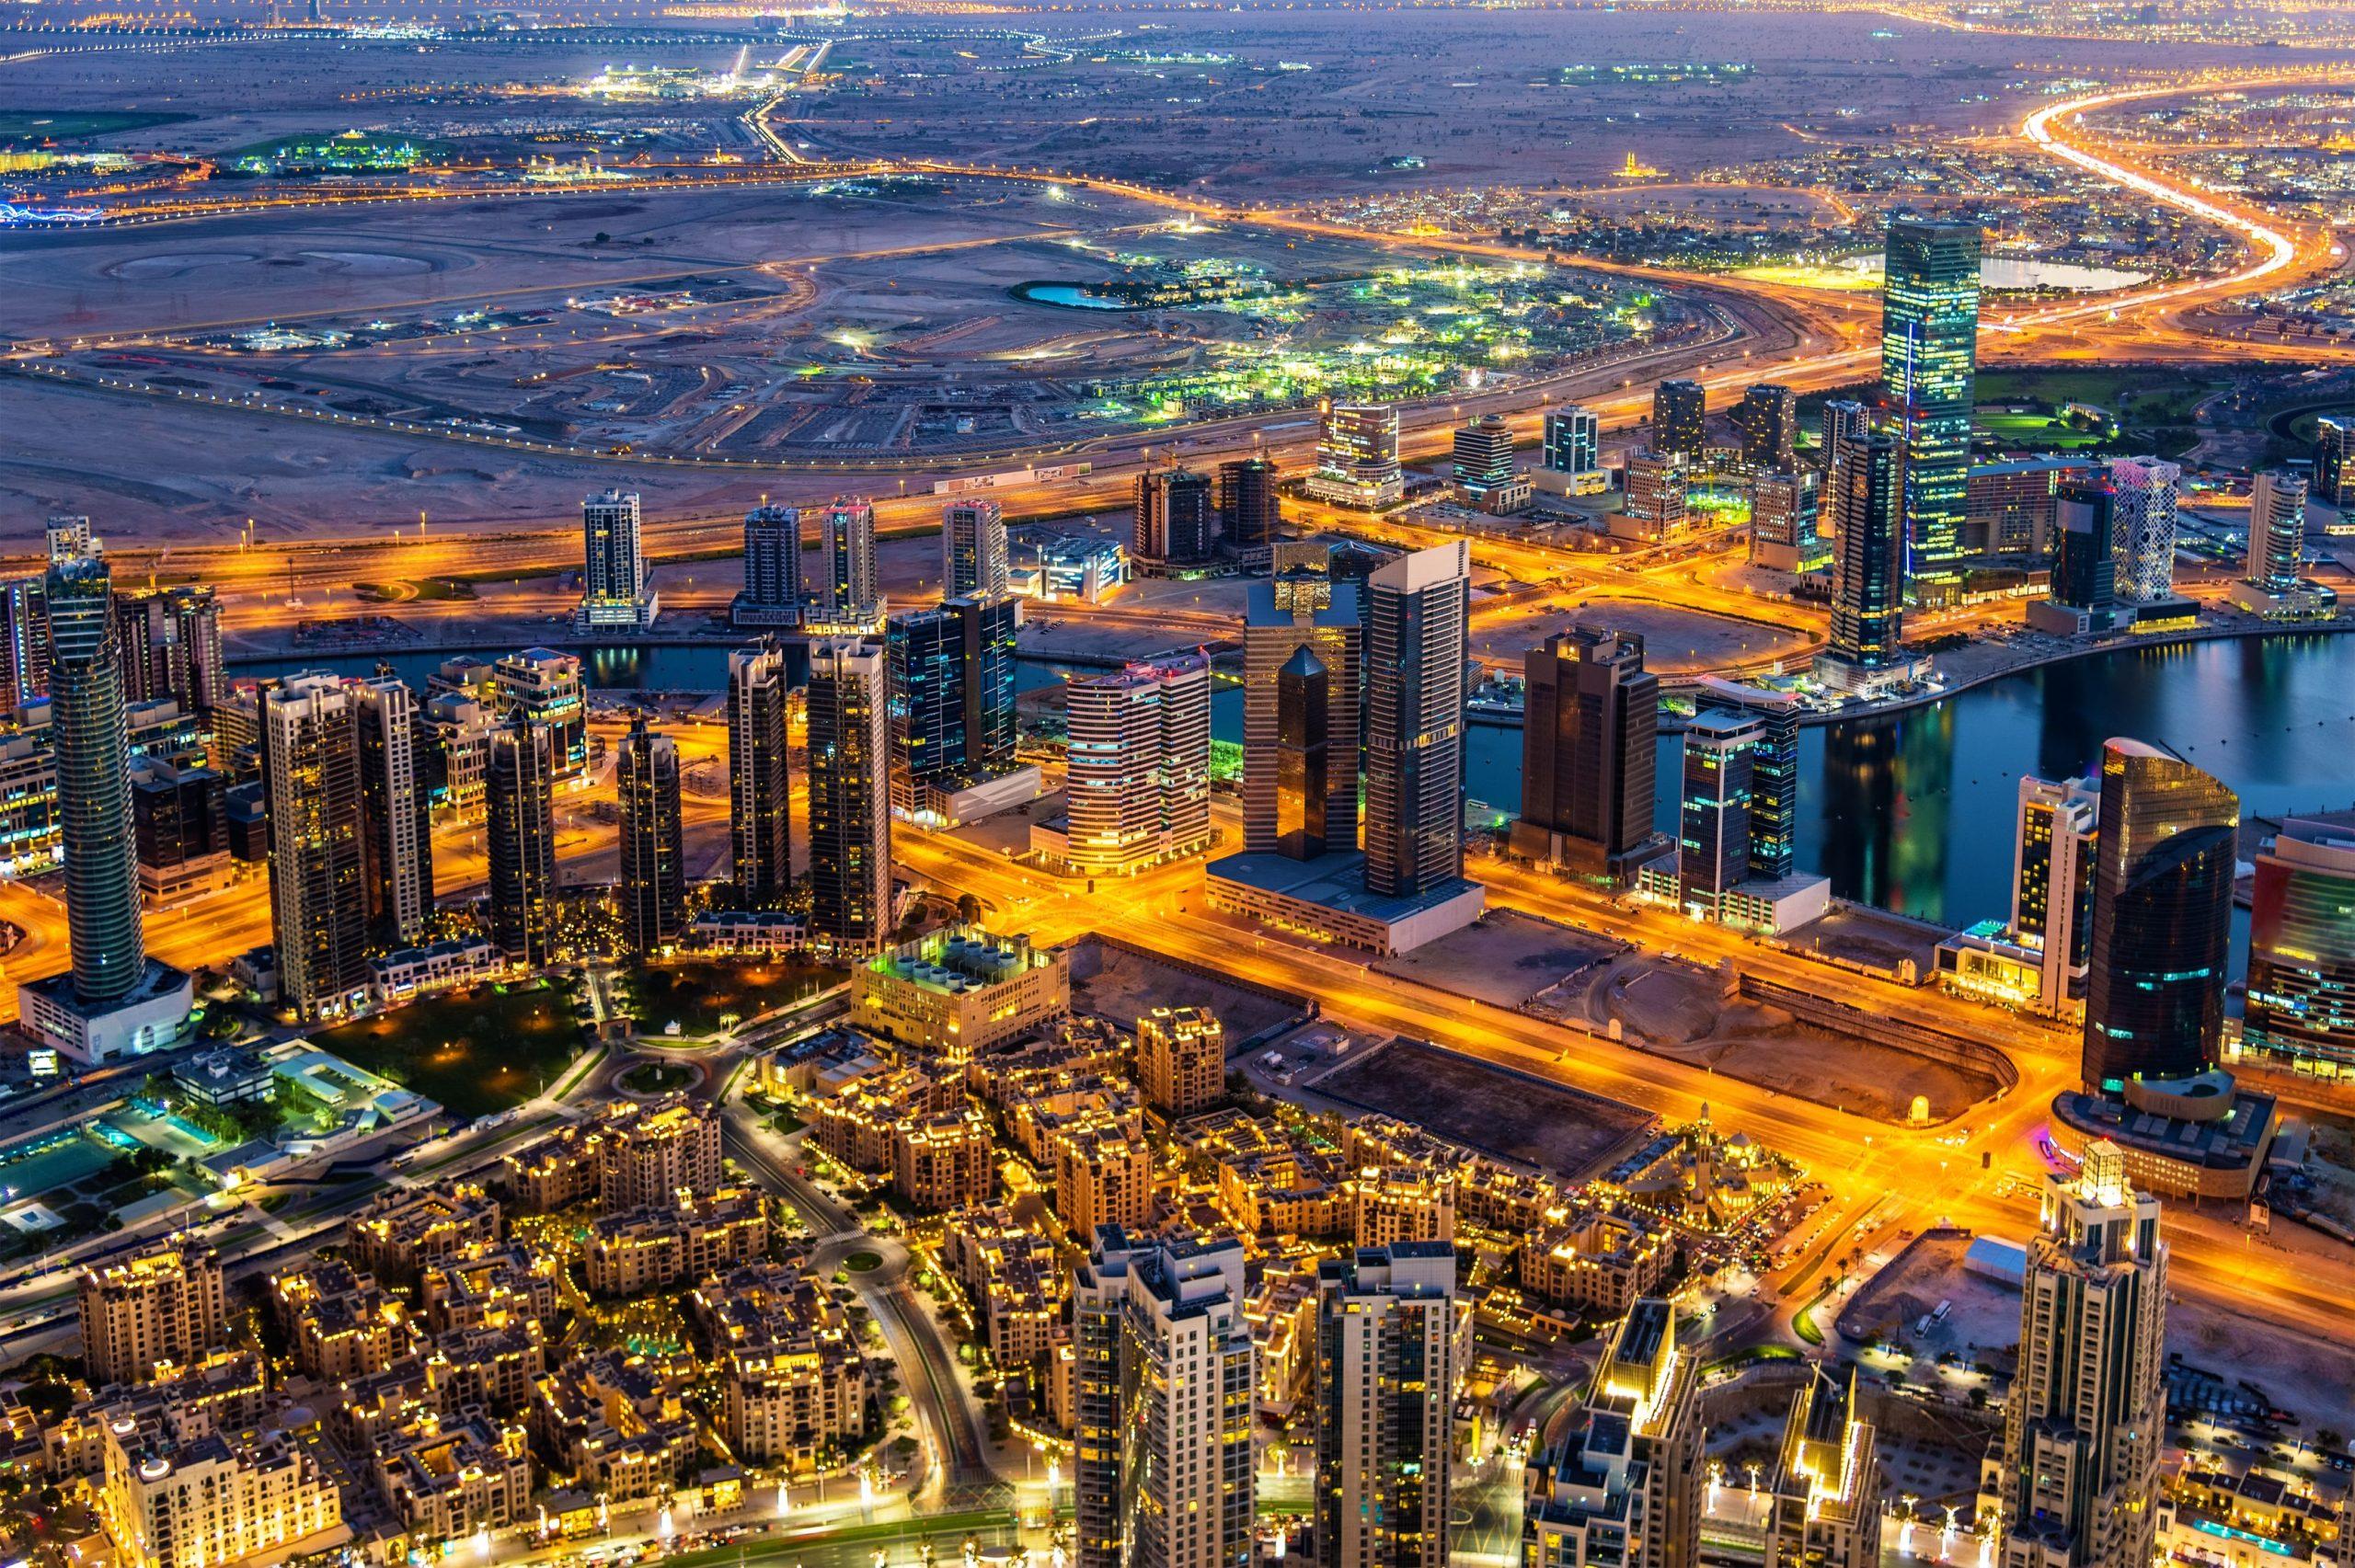 nighttime panorama of Dubai